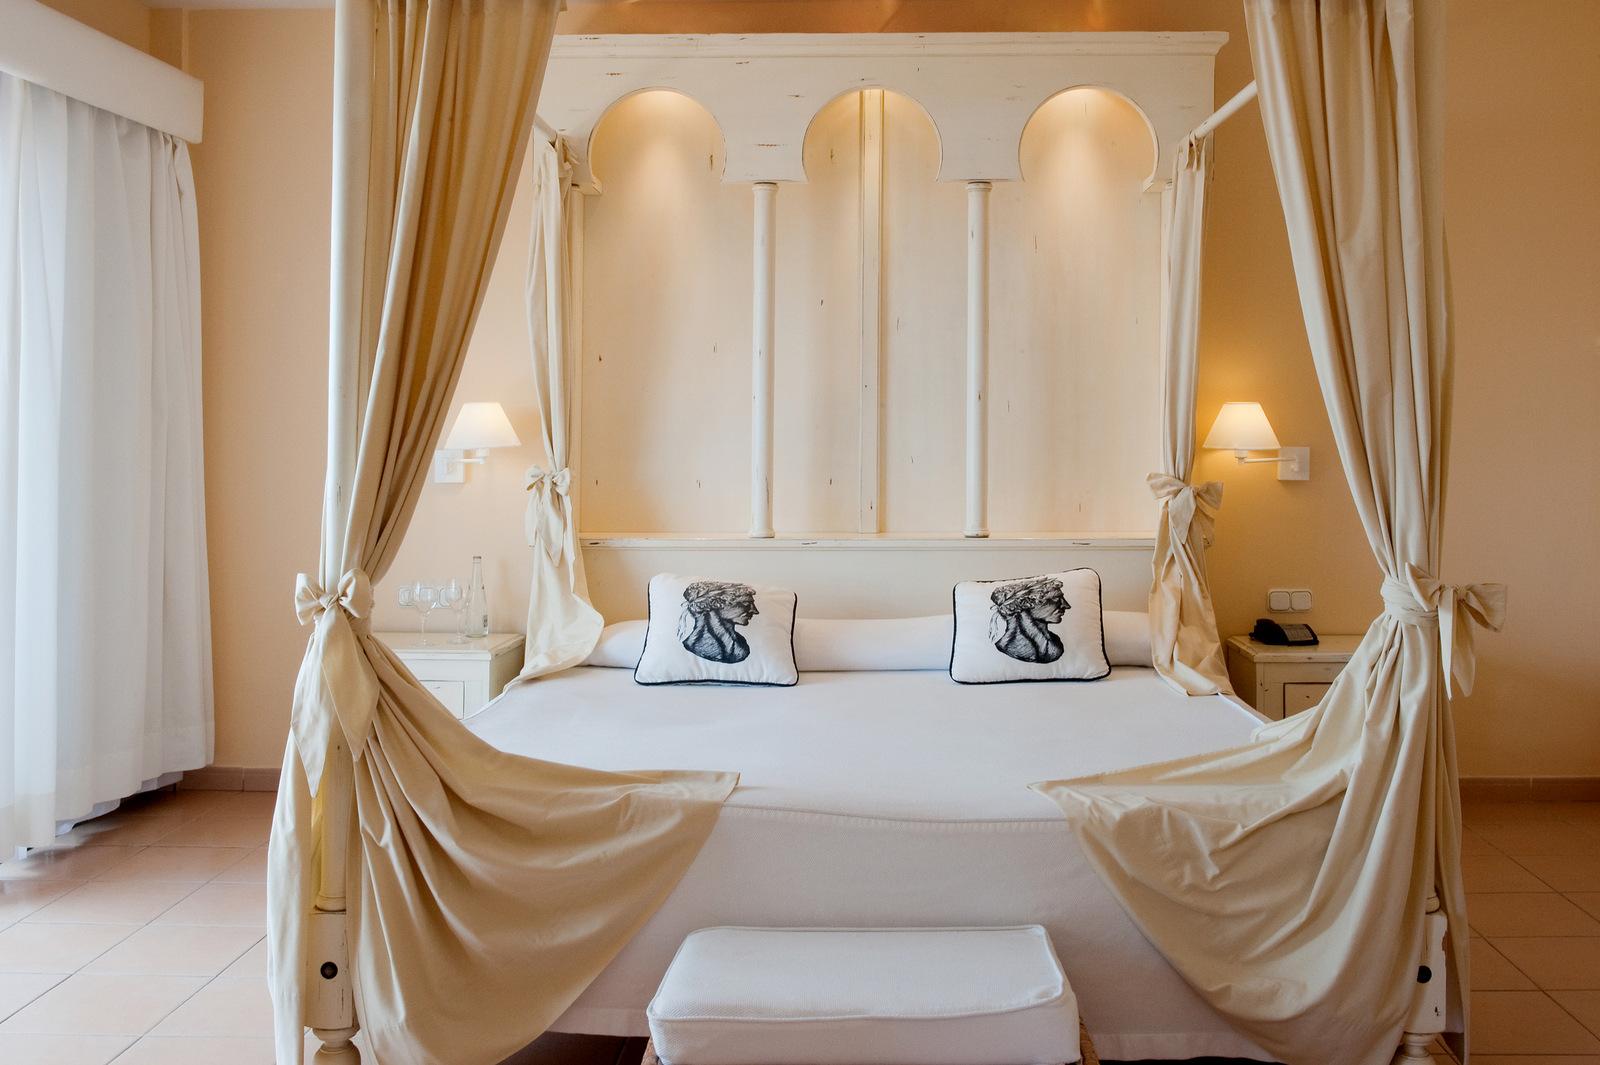 Hoteles parejas a thousand hotels for Hoteles para parejas